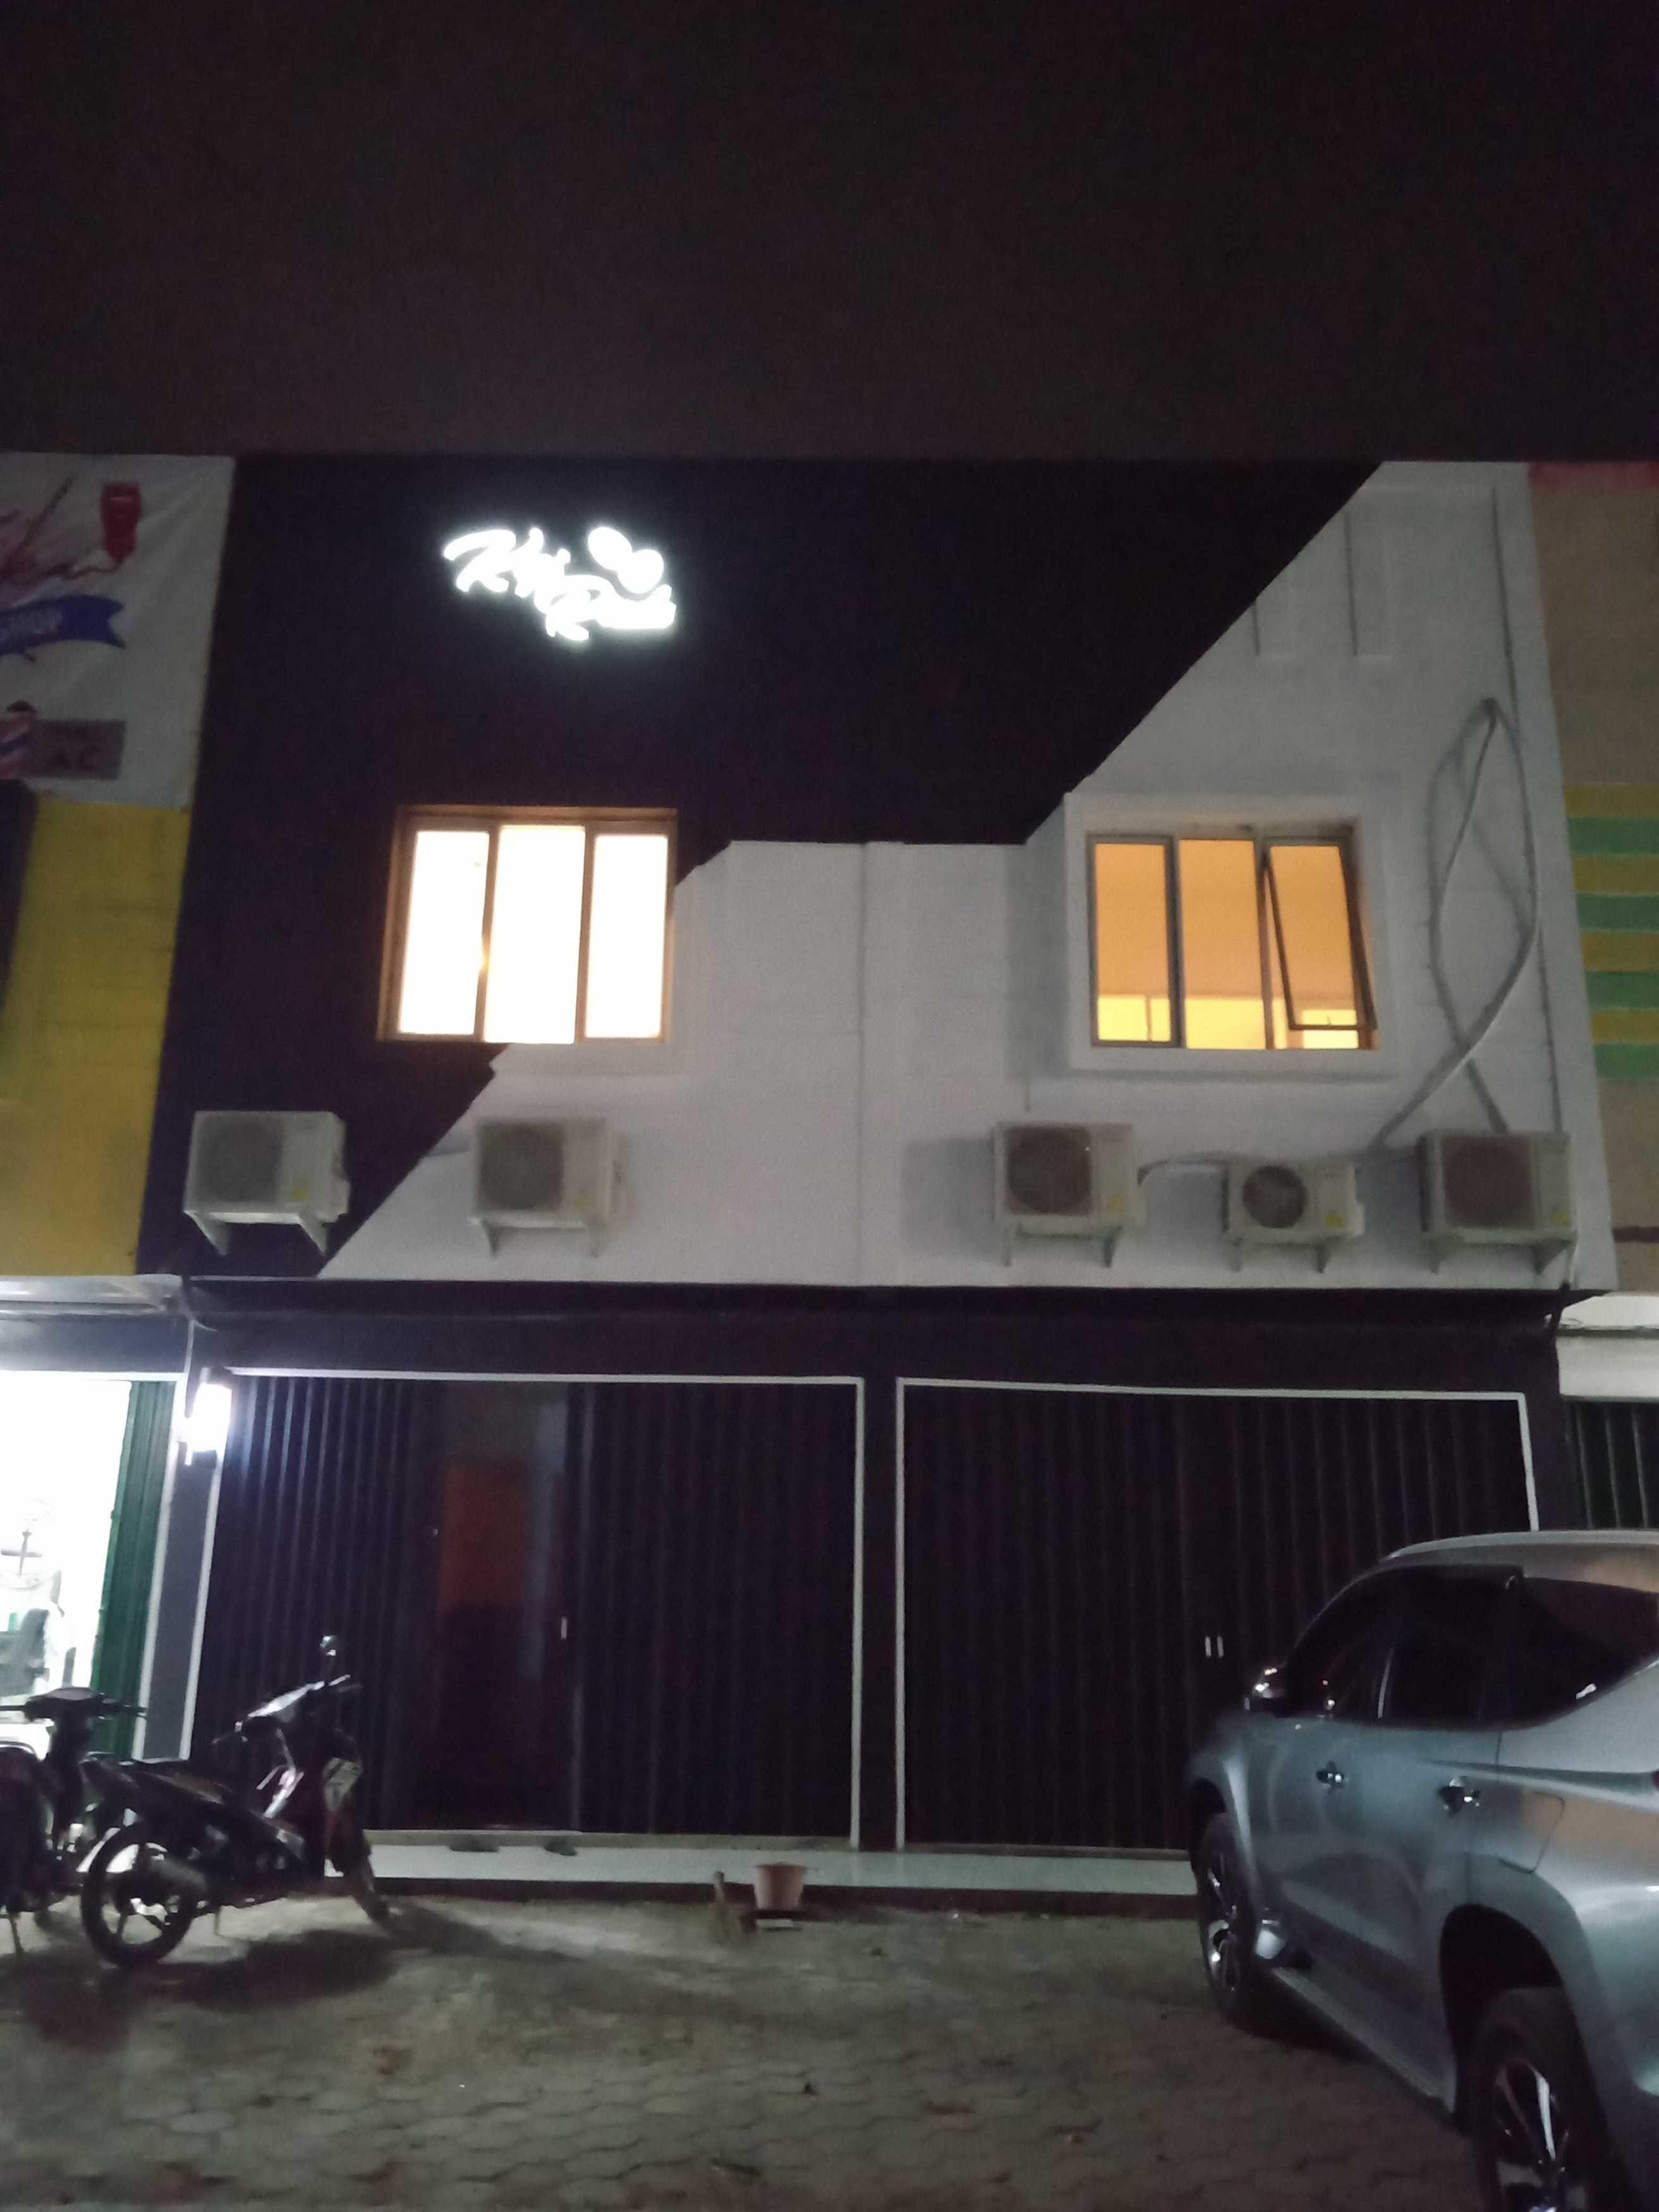 Spasilab Kopi Rindu Tambun Tambun, Kec. Tambun Sel., Bekasi, Jawa Barat, Indonesia Tambun, Kec. Tambun Sel., Bekasi, Jawa Barat, Indonesia Spasilab-Kopi-Rindu-Tambun   95856